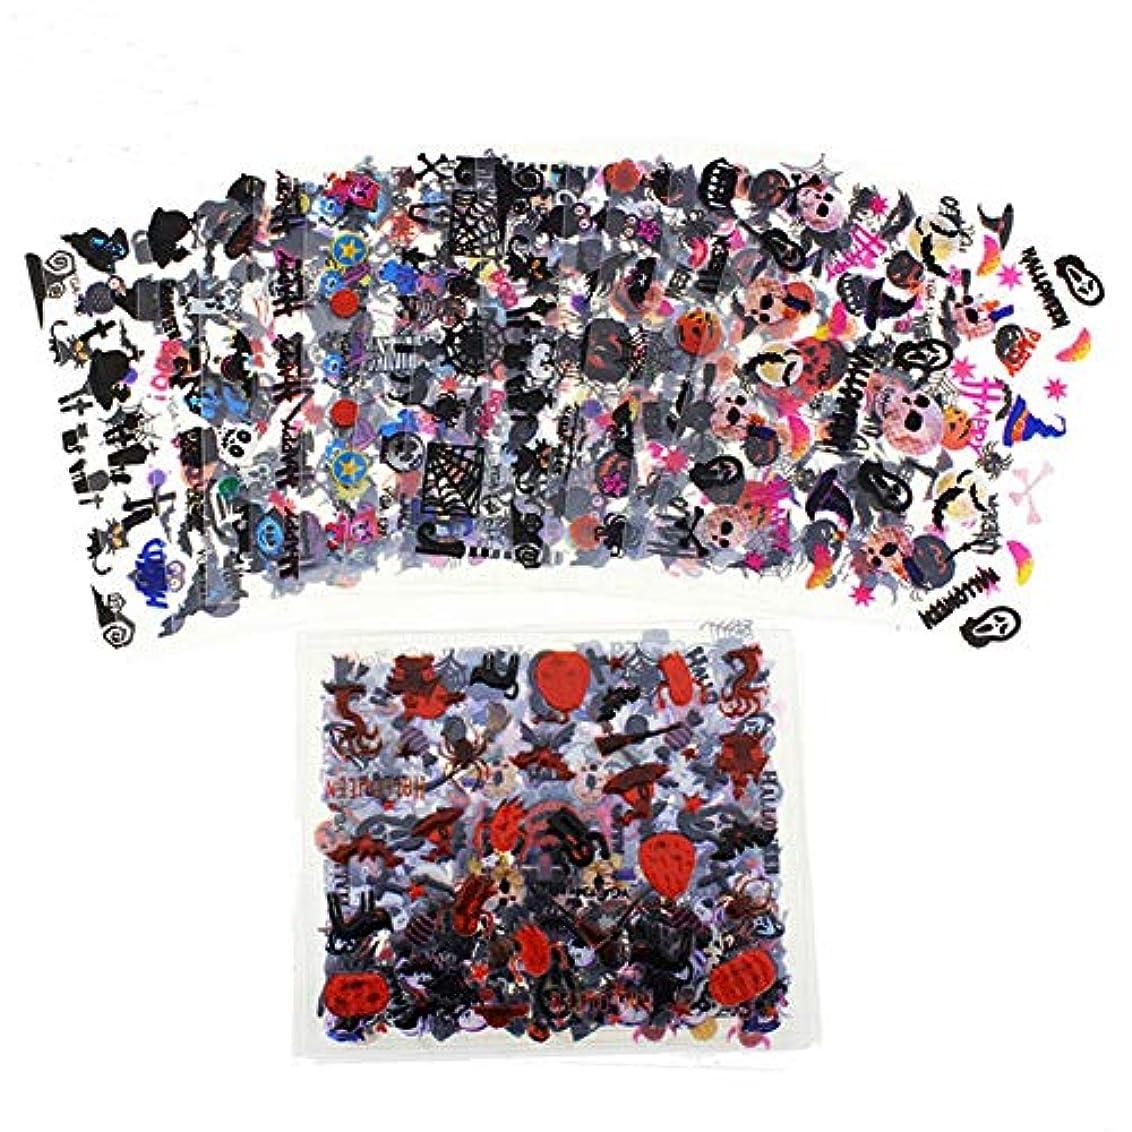 出力論争的ループSODAOA屋 ネイルシール ハロウィーン ネイルステッカー ネイル用装飾 24枚セット 可愛いネイル飾り 貼るだけマニキュア ネイル用装飾 女性 女の子 子供用